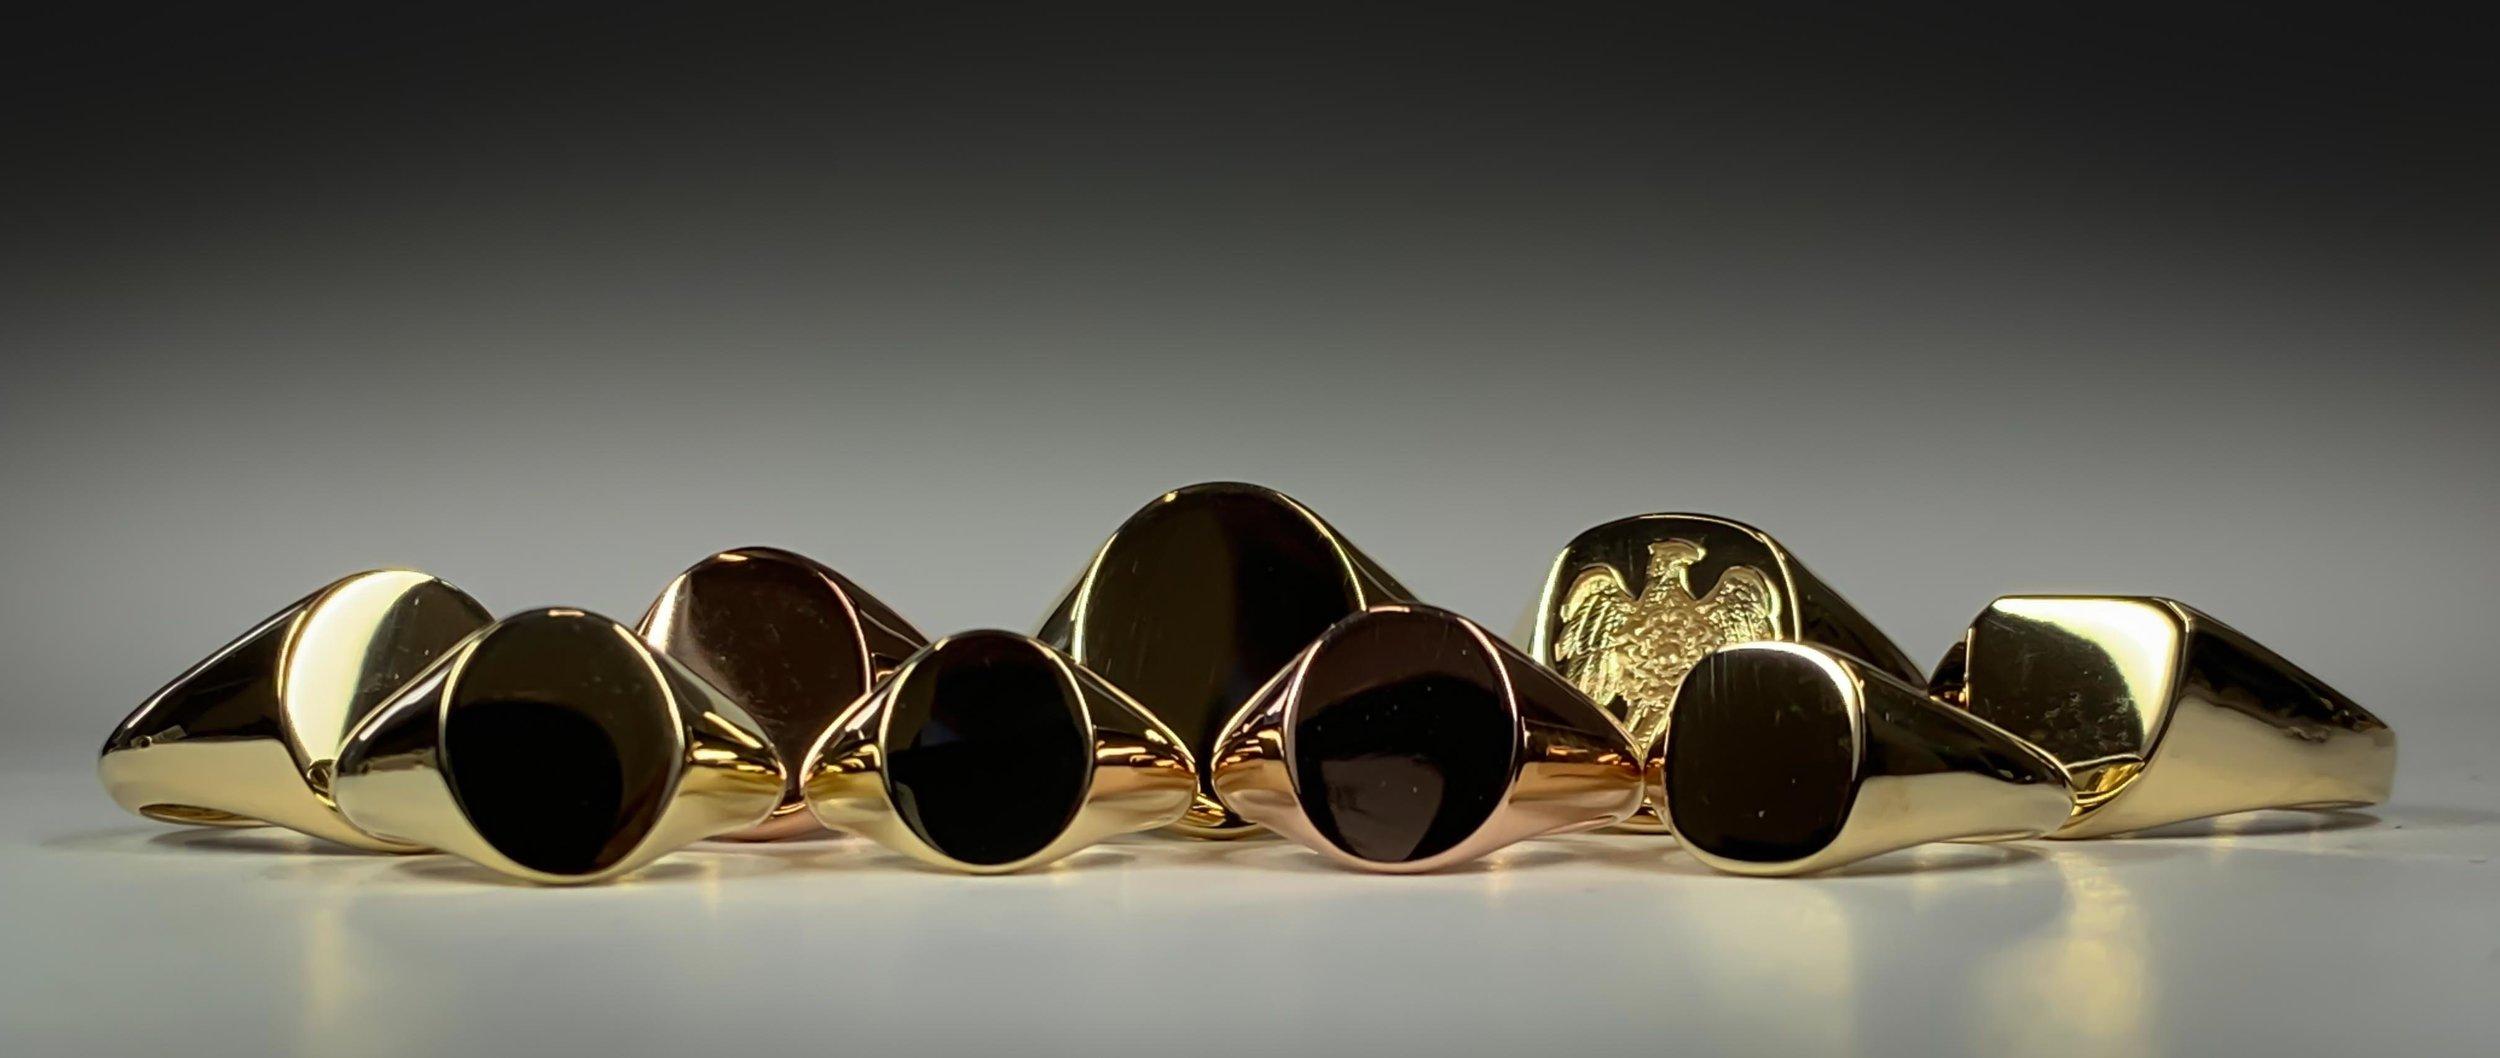 Gold signet ring range